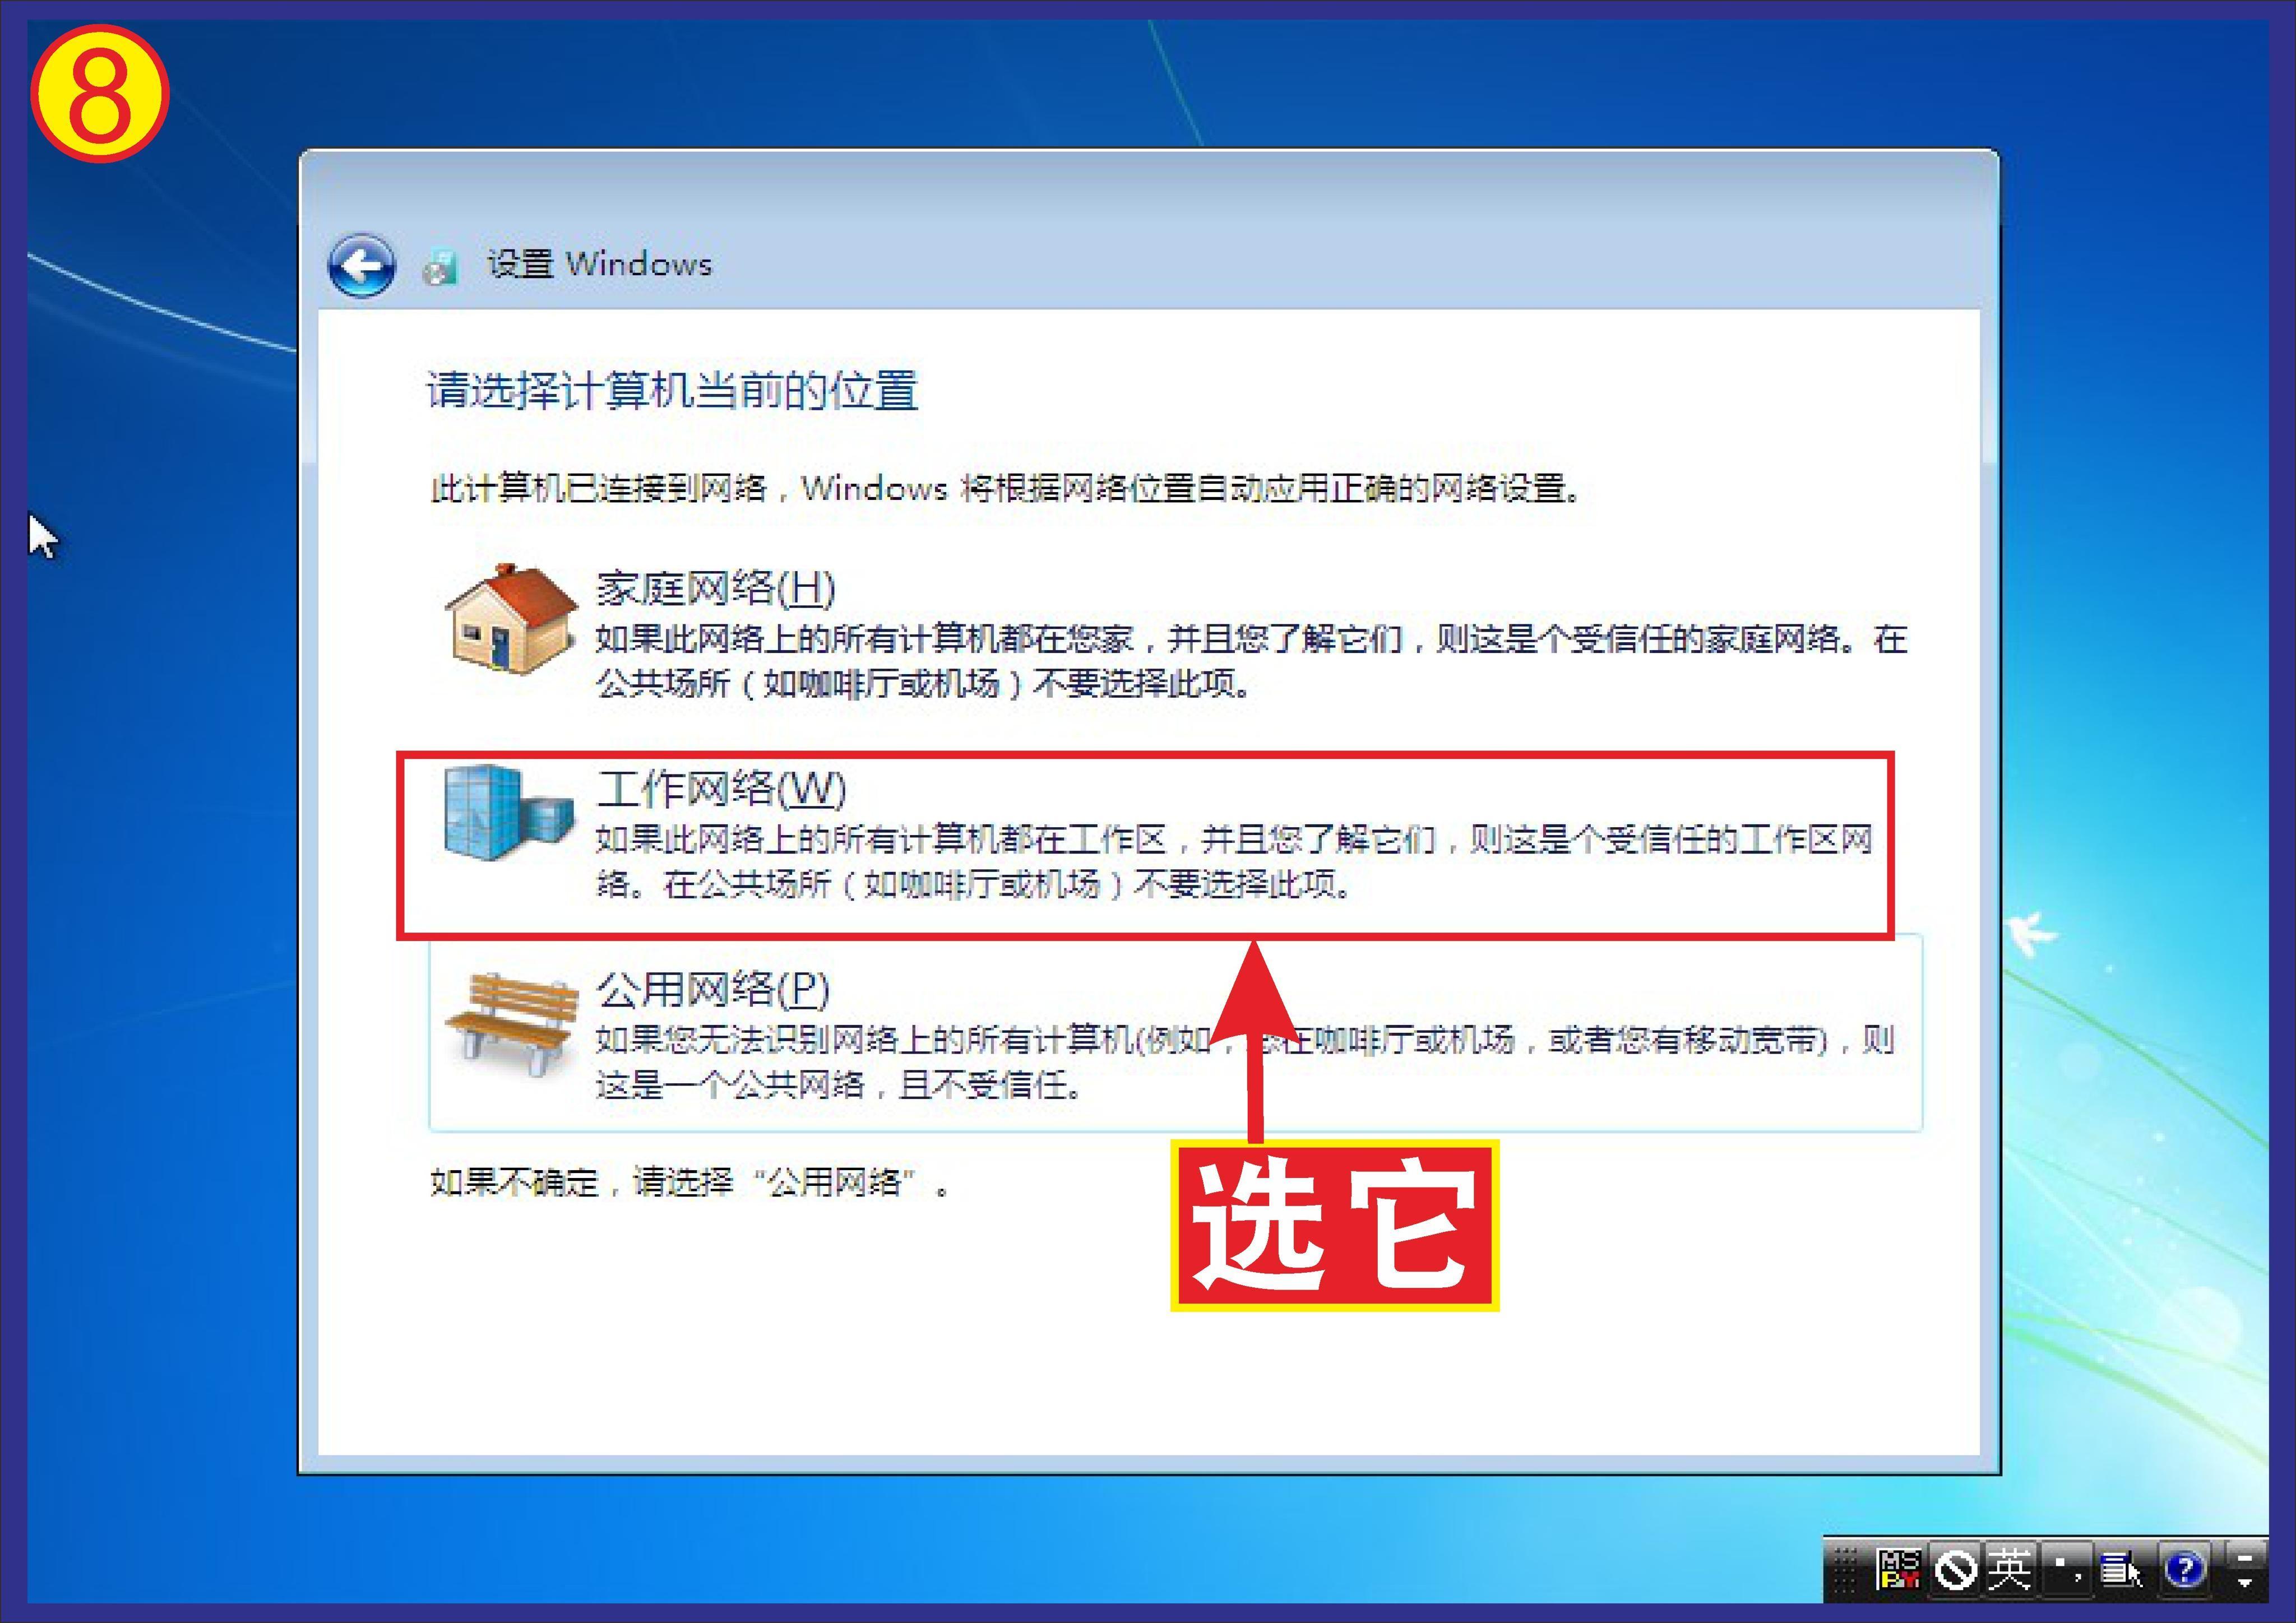 Windows7视频教程安装教程安装原版轮鱼线系统图片